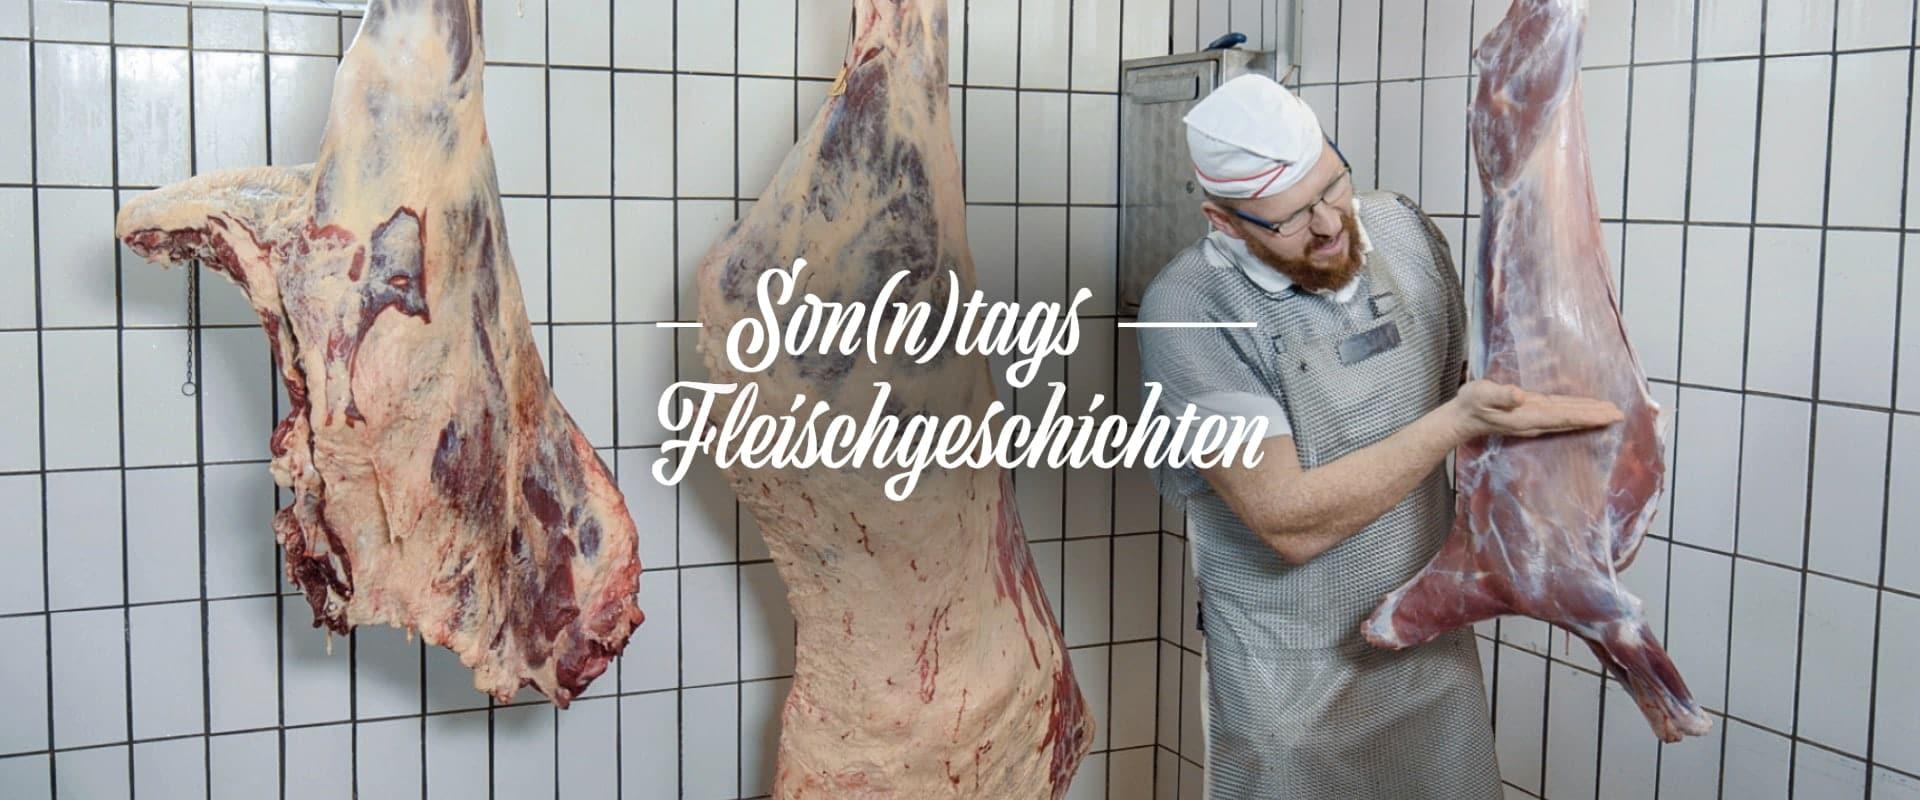 Son(n)tags Fleischgeschichten: Was Rind, Mensch, Hund und Ziege verbindet